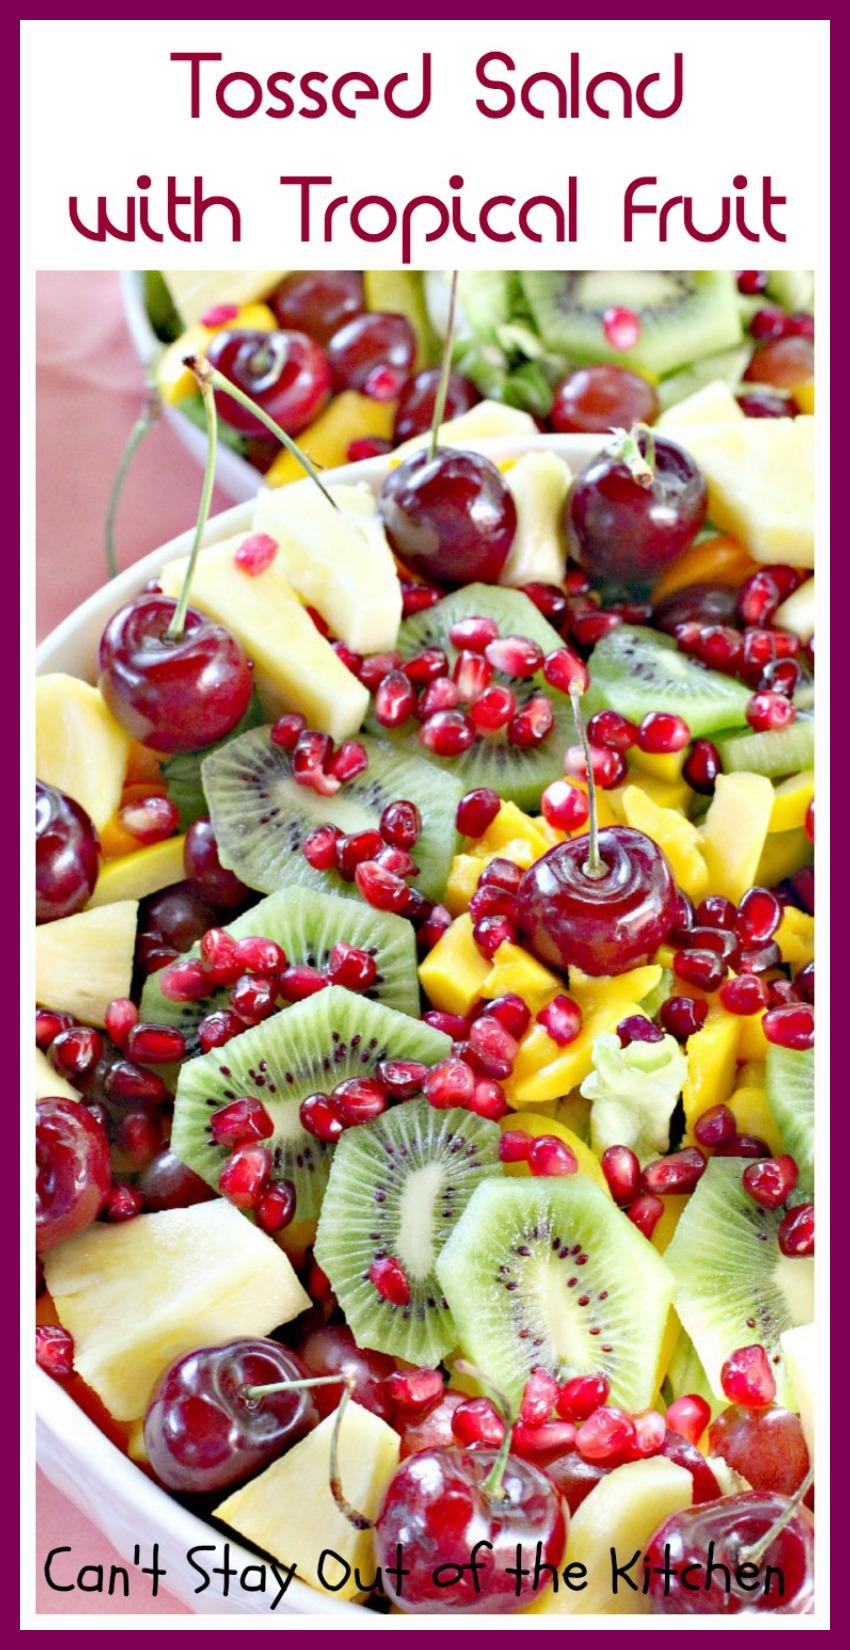 Tossed Salad with Tropical Fruit - IMG_9123.jpg.jpg.jpg